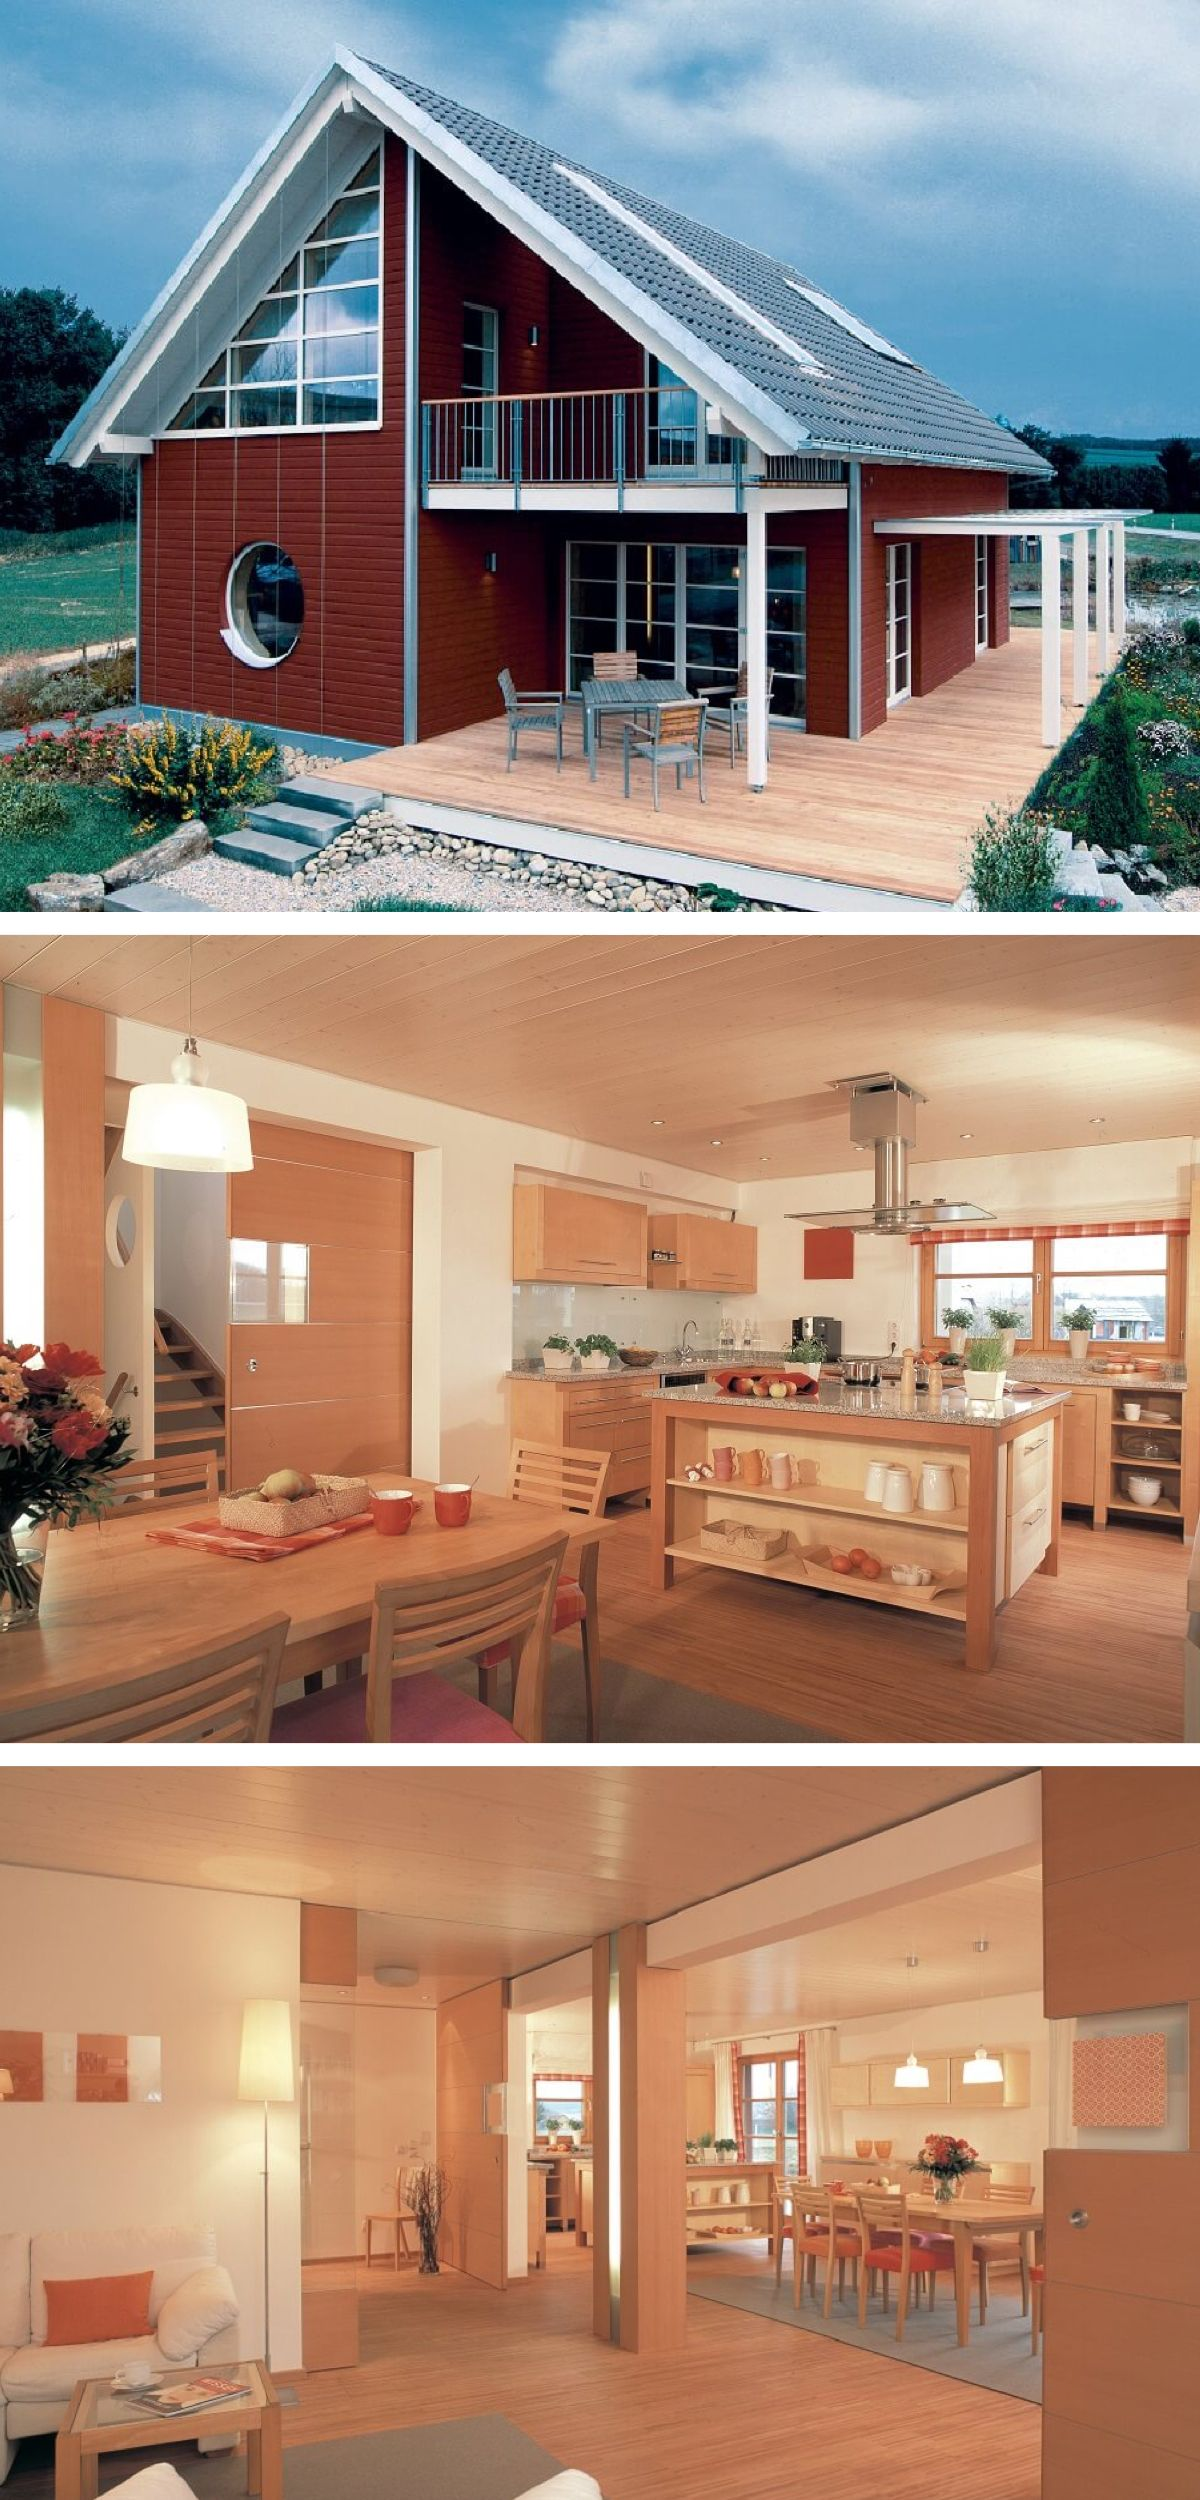 Einfamilienhaus Im Landhausstil Skandinavisch Mit Holzfassade Rot,  Satteldach Architektur Und Inneneinrichtung Holz   Fertighaus